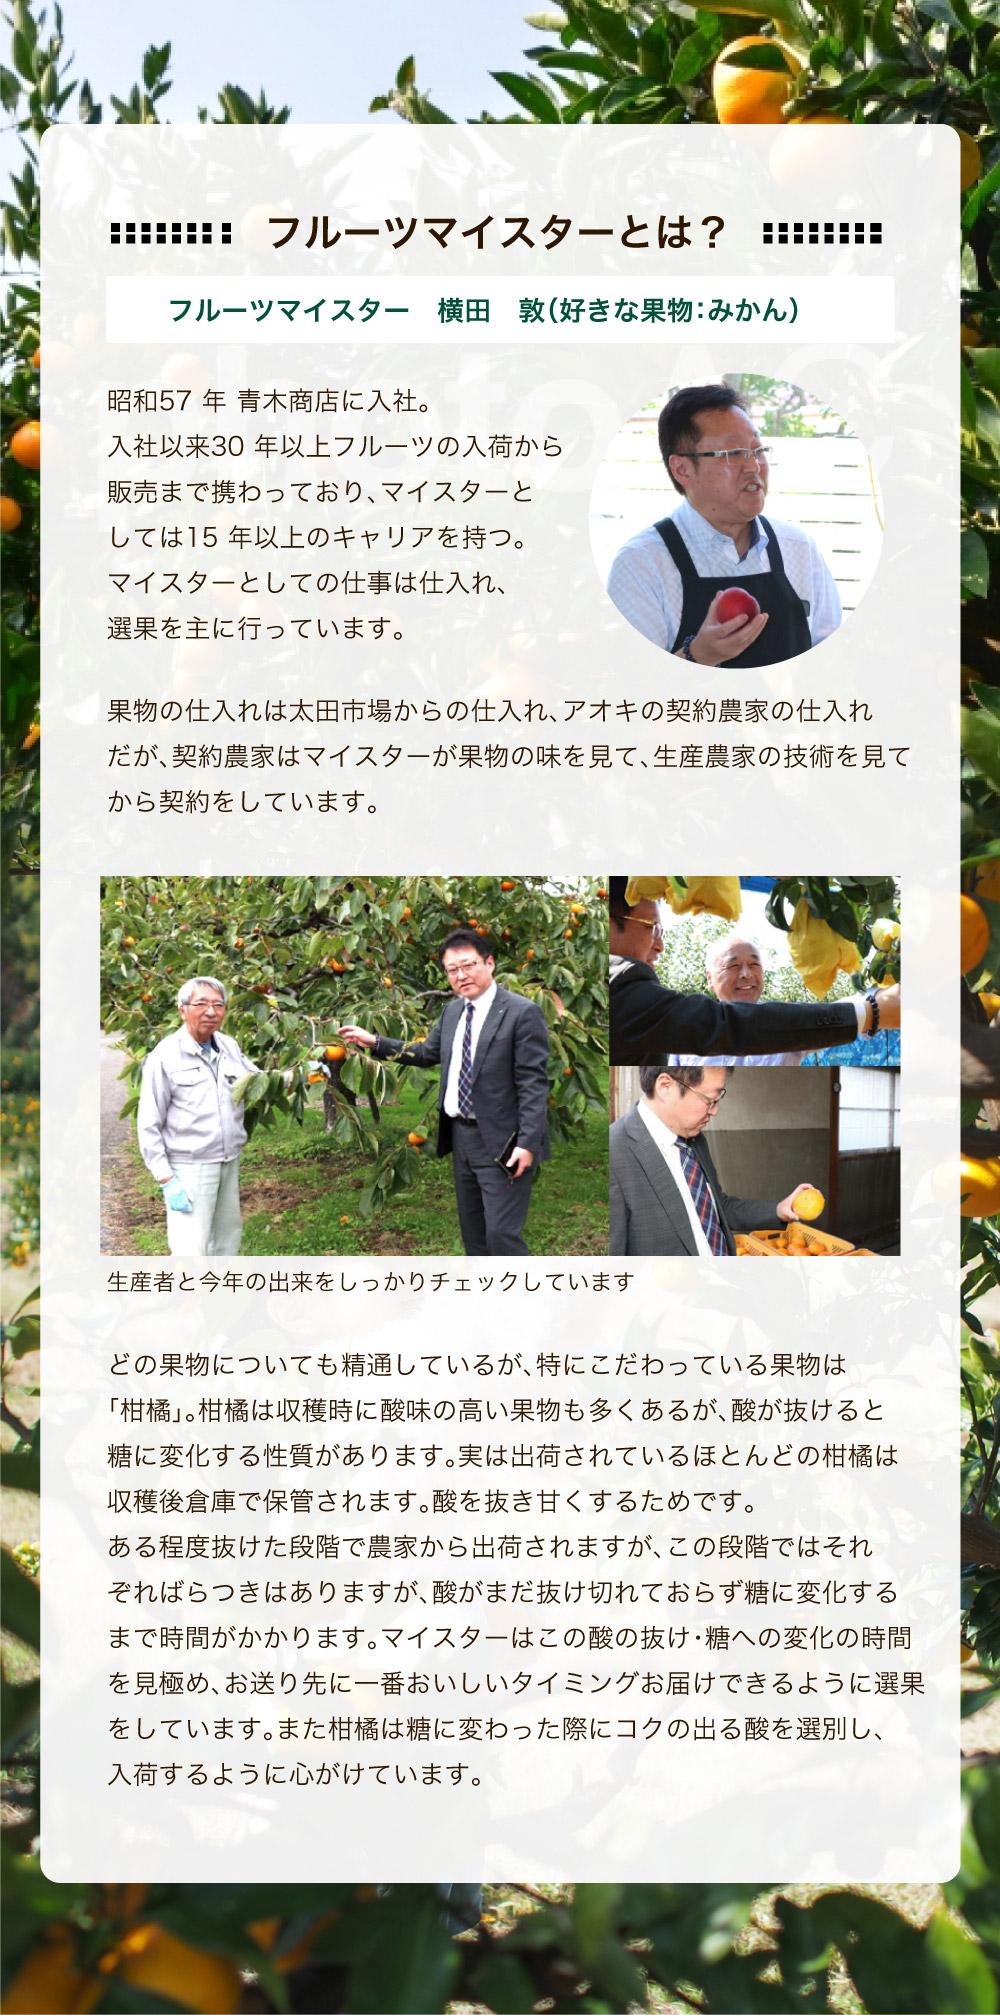 四代目フルーツマイスター 横田 敦 入社以来30年以上フルーツの入荷から販売まで携わっている。